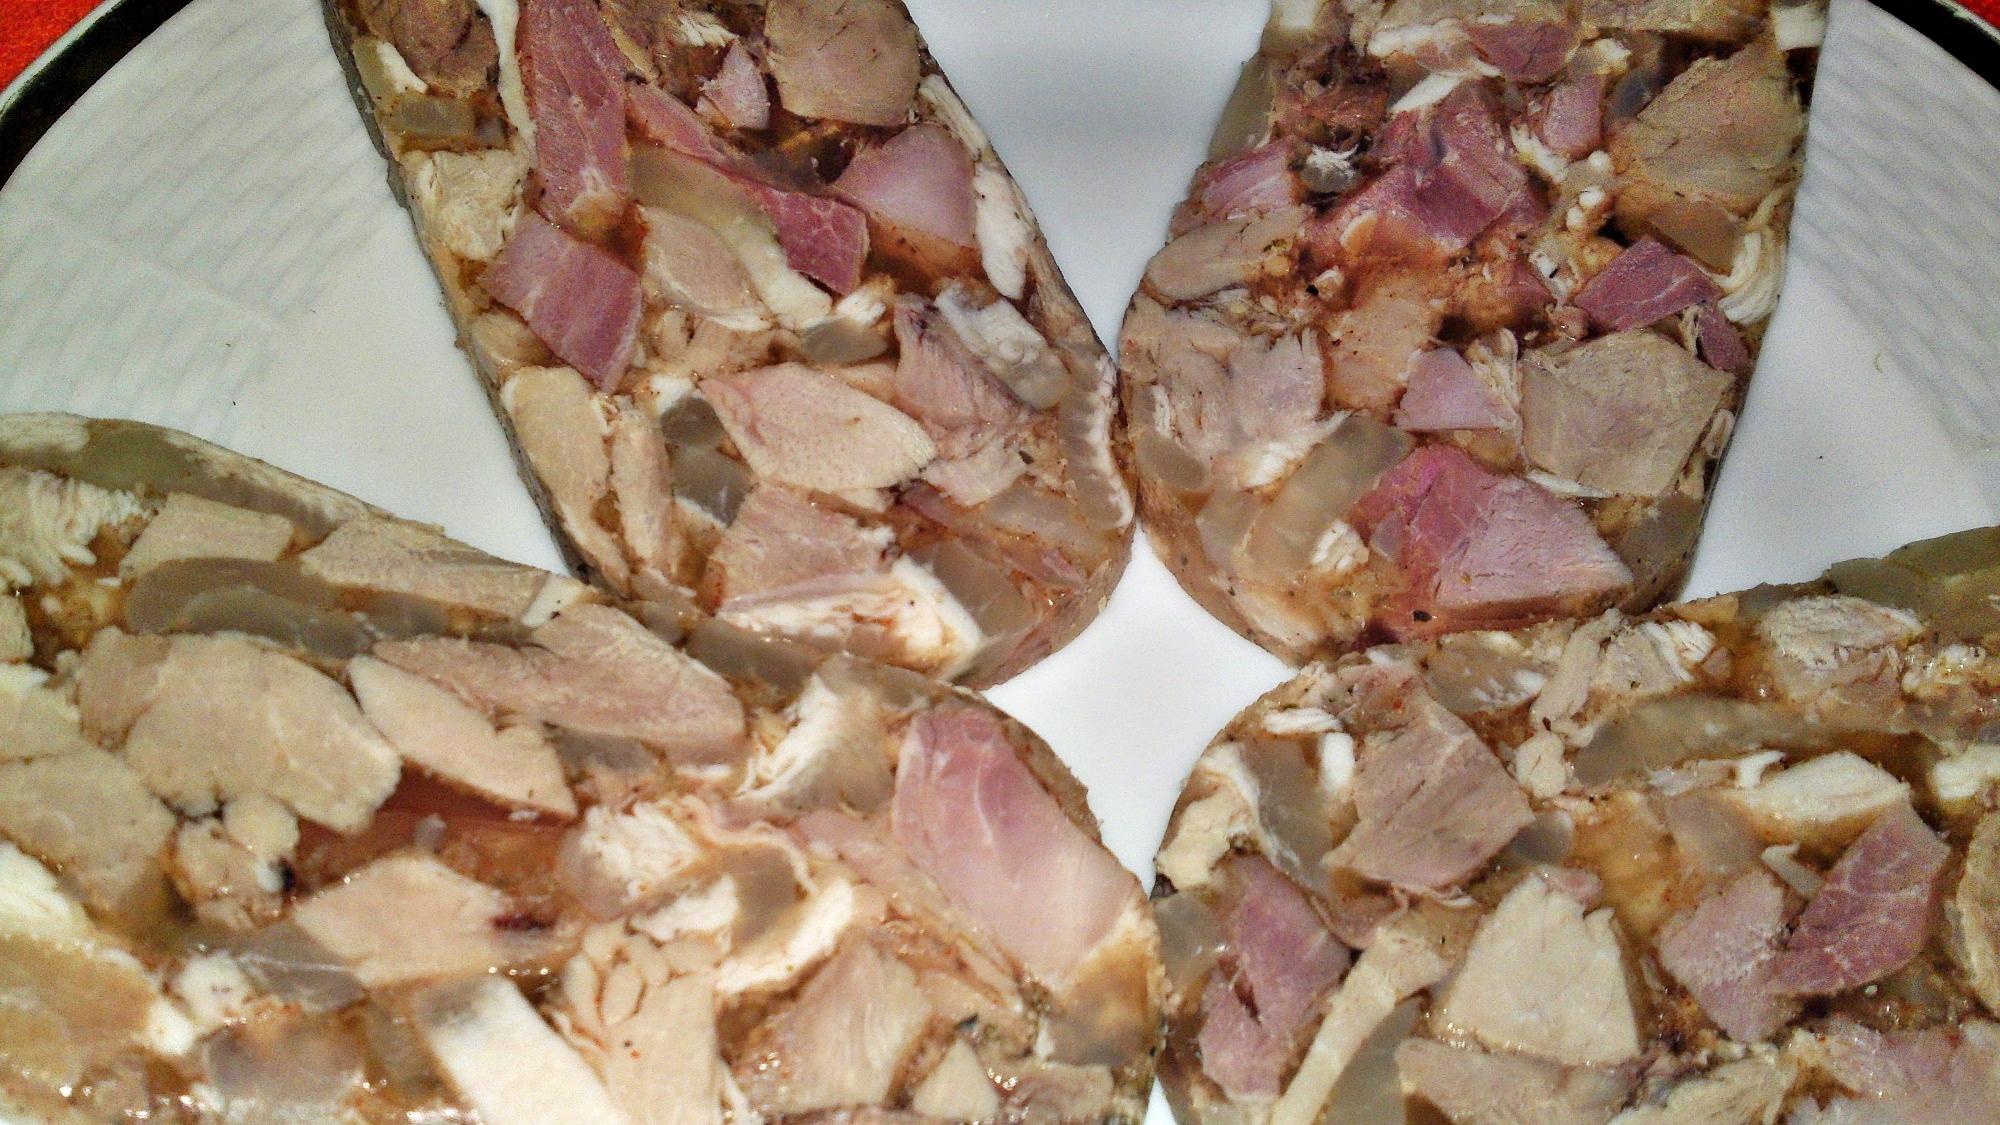 Recept Lahôdková tlačenka z dvoch druhov mäska - Záběr na tlačenku zblízka.